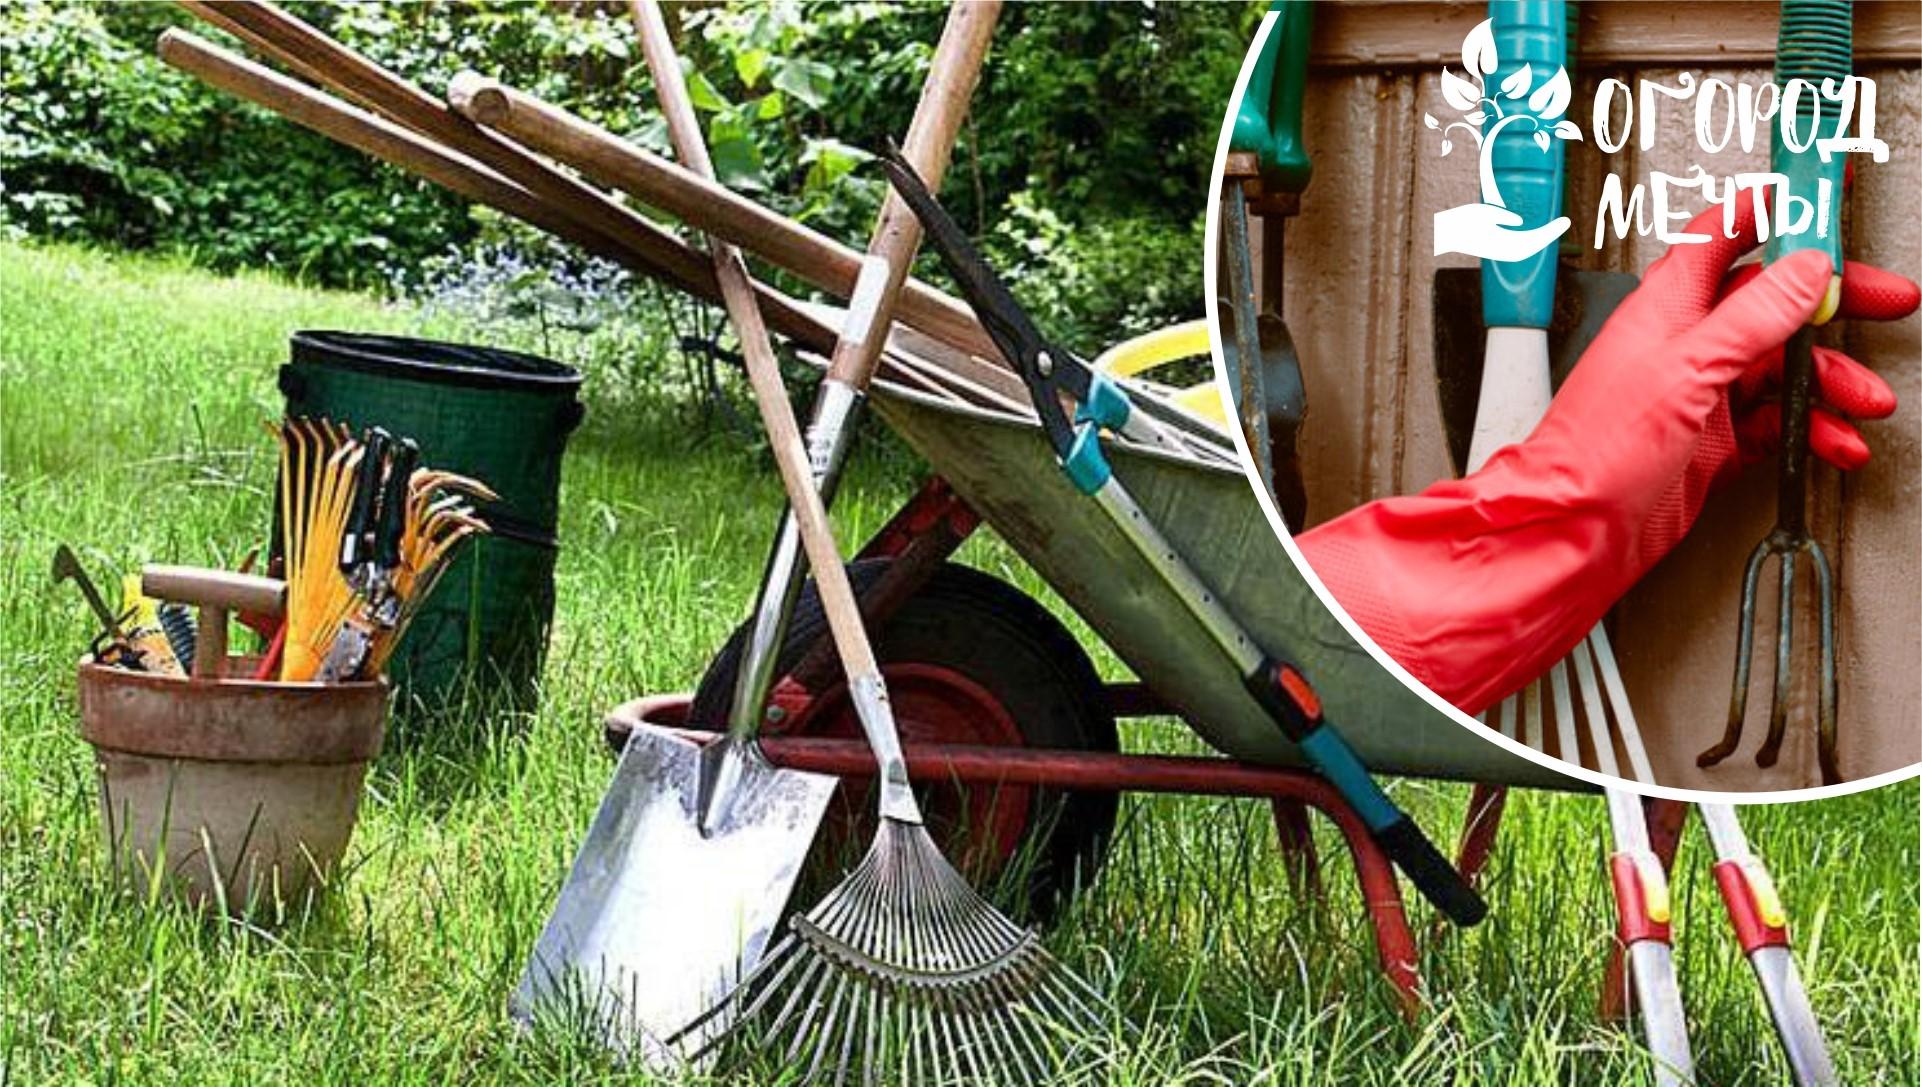 Уборка садового и огородного инвентаря